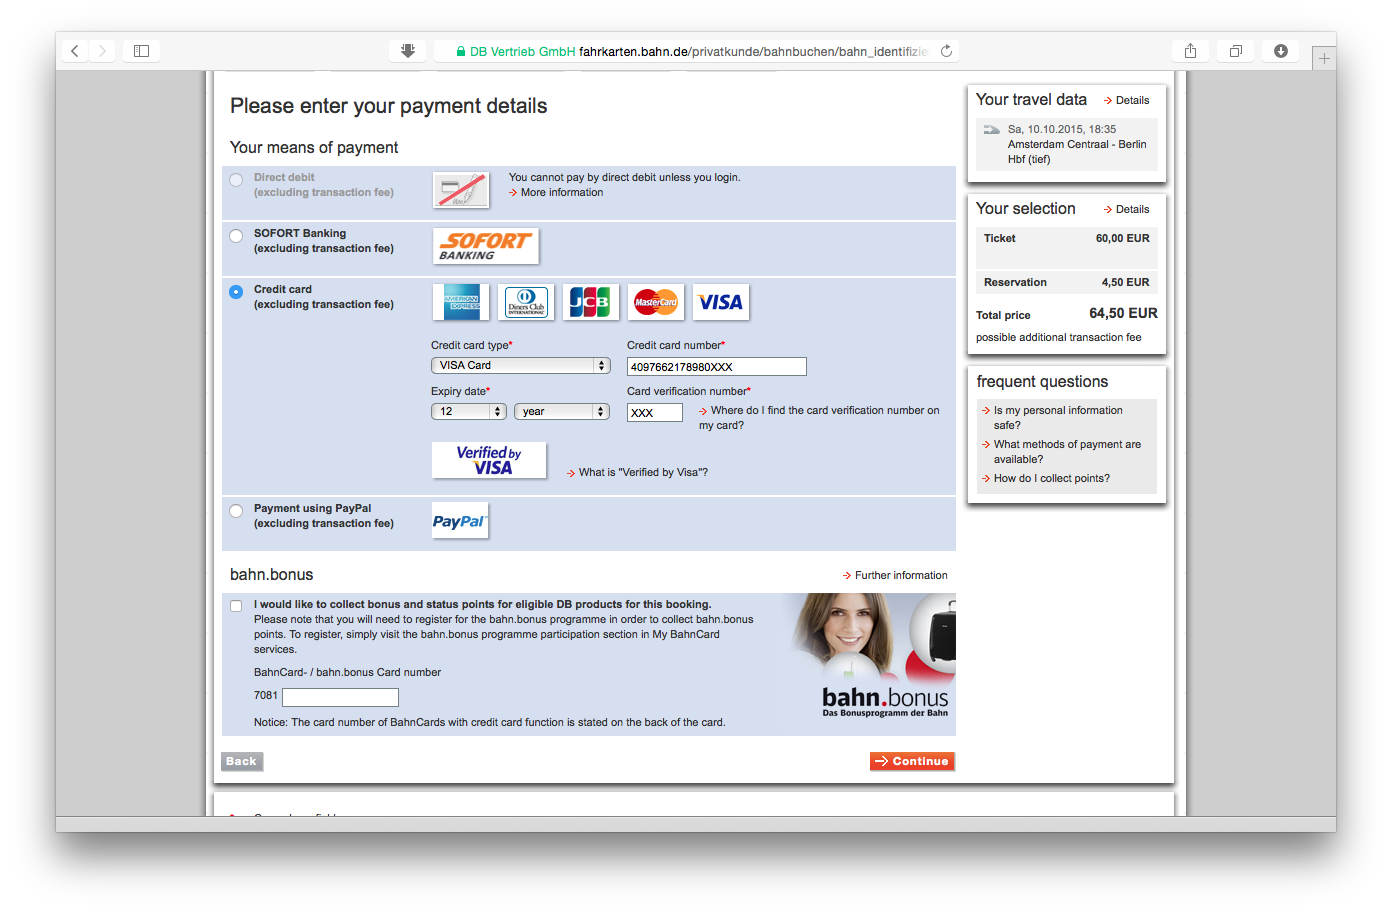 Tampilan web bahn.de: pilihan metode pembayaran